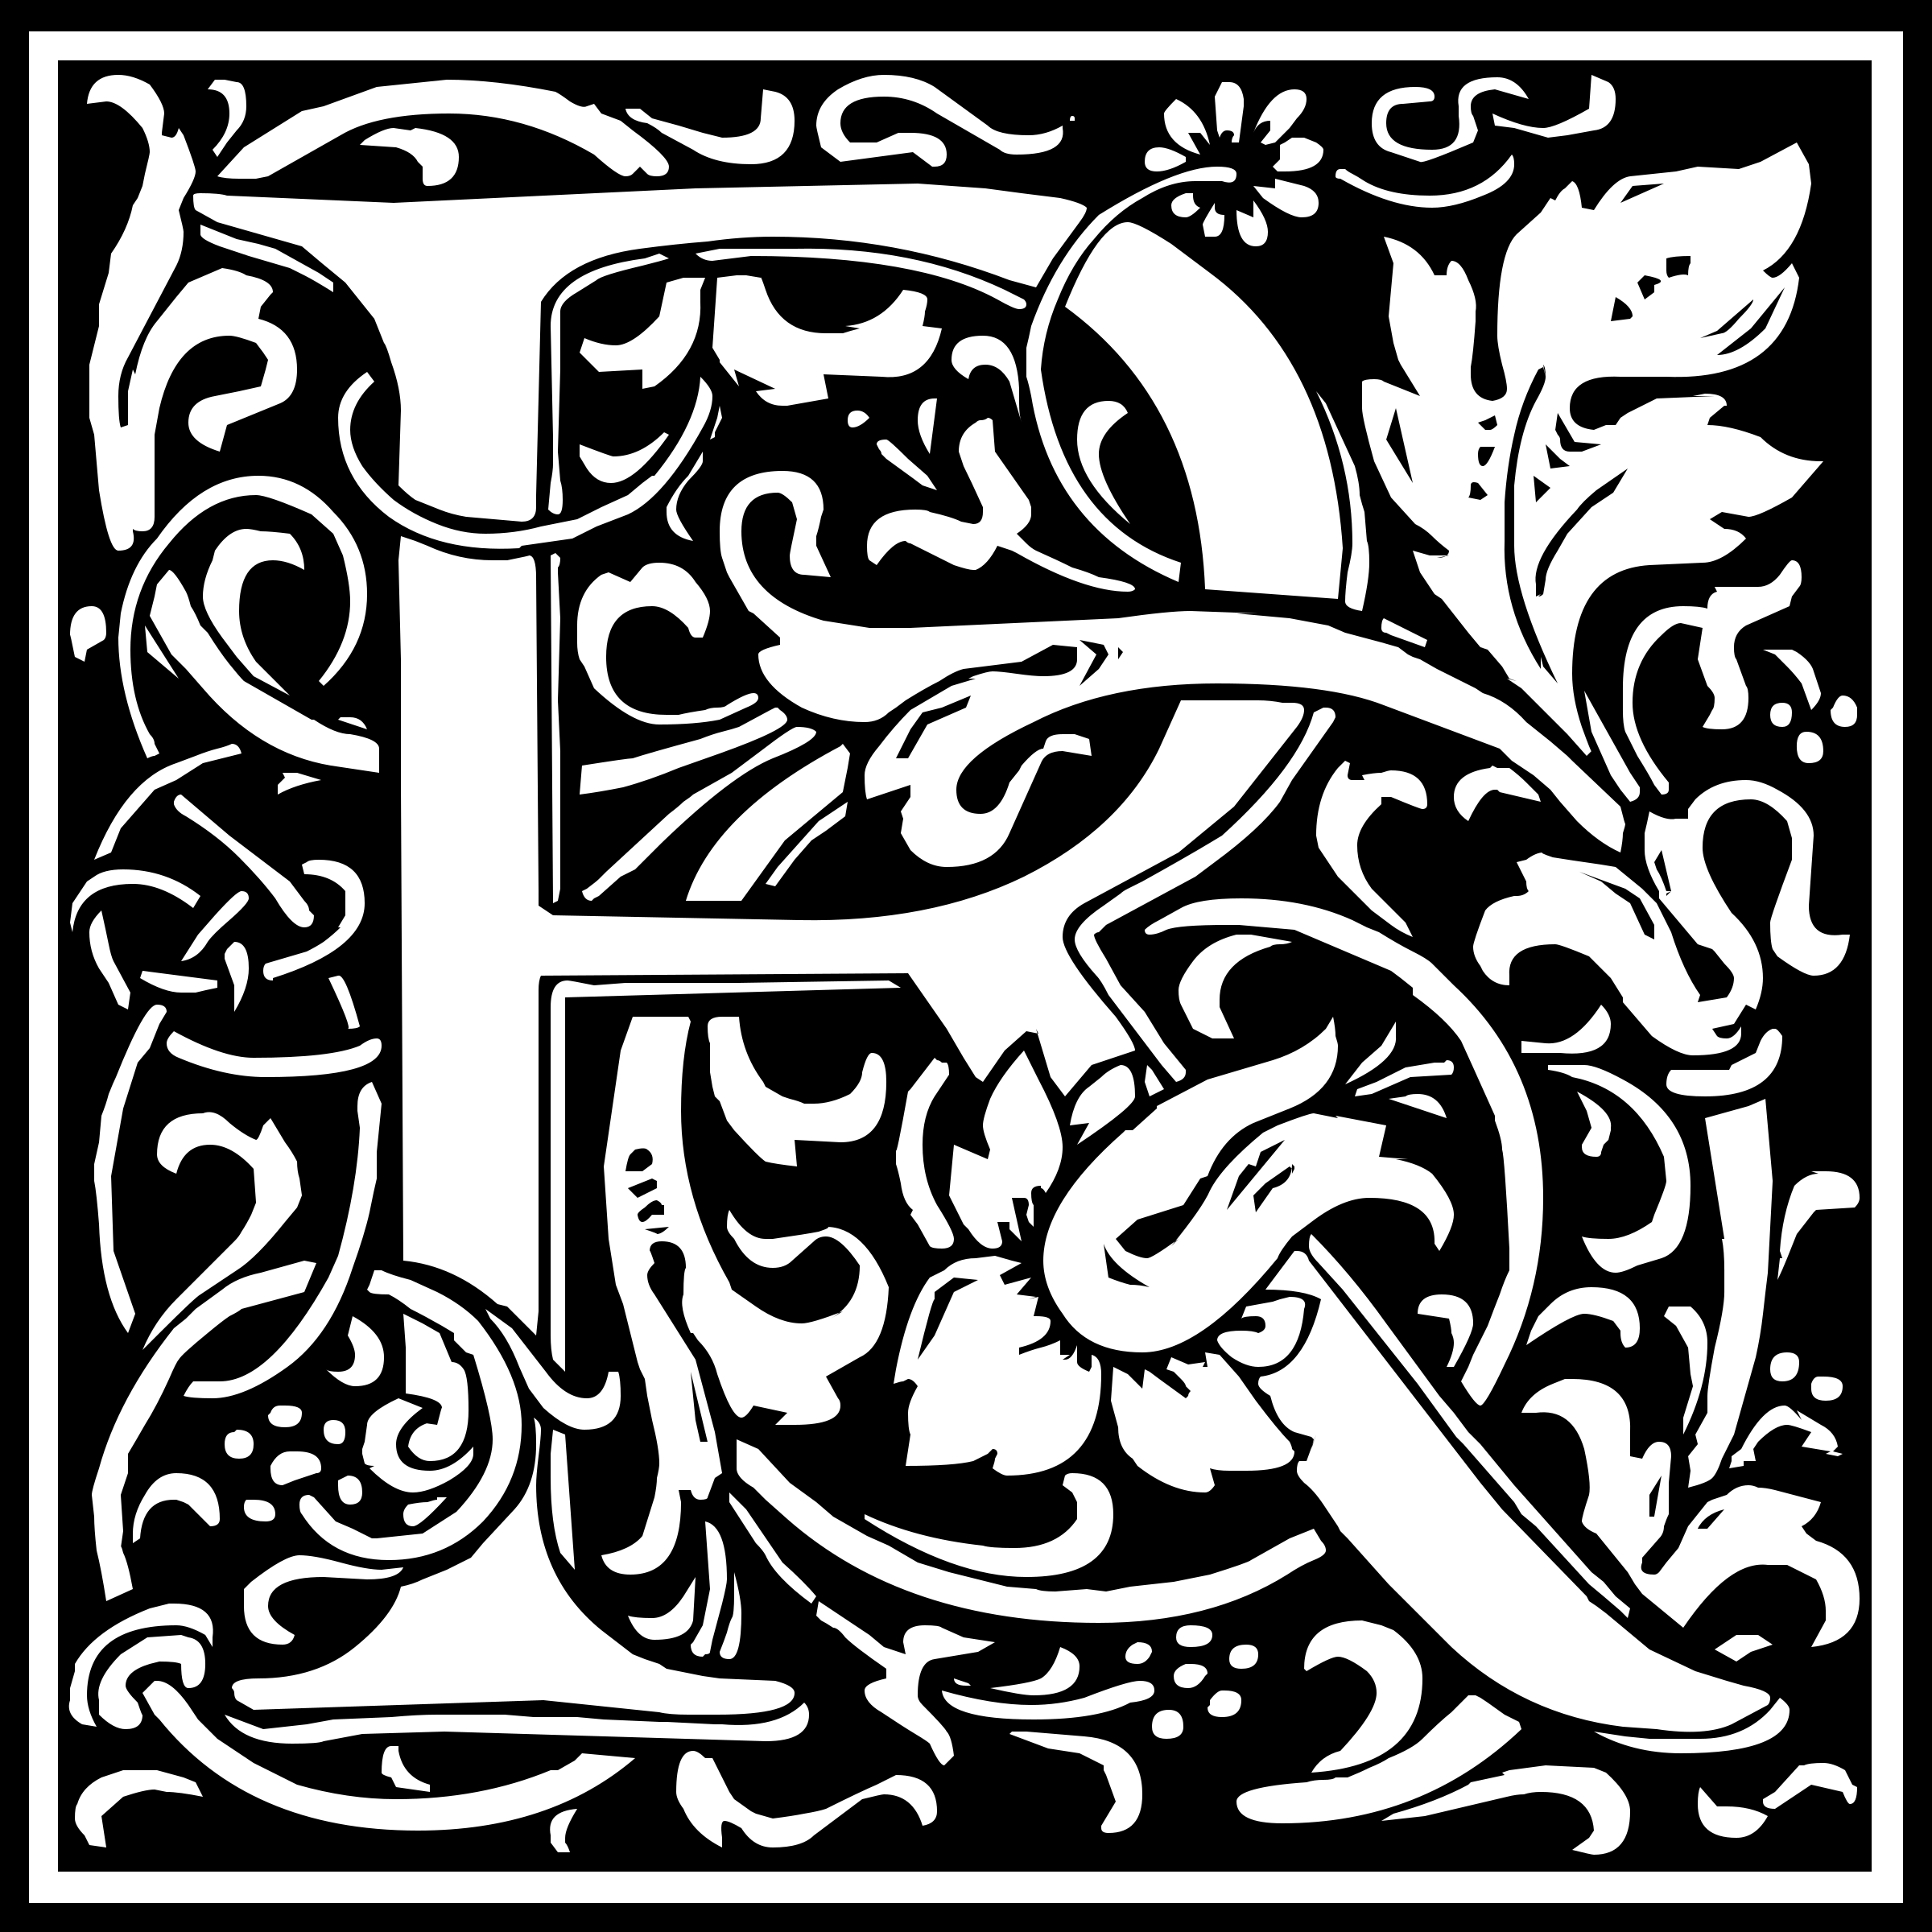 William Morris Vine Clipart.